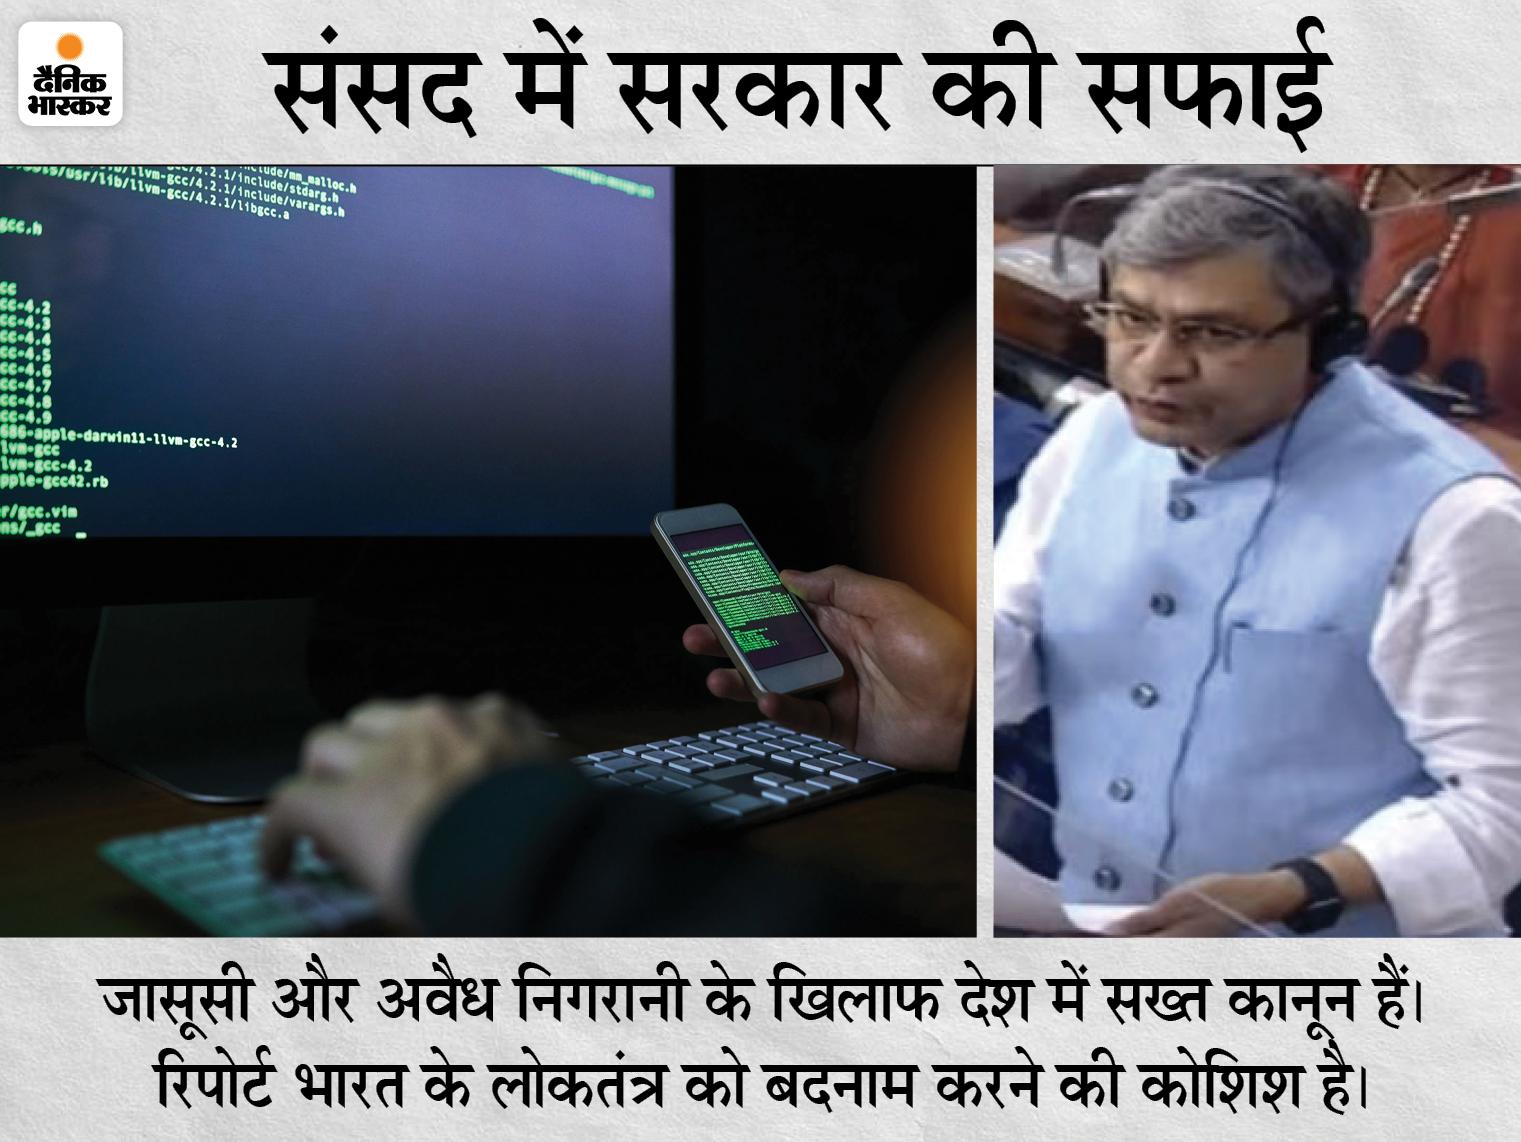 विपक्ष ने फोन टेपिंग की स्वतंत्र जांच की मांग की; शाह बोले- देश को बदनाम करने की साजिश, इससे विकास नहीं रुकेगा|देश,National - Dainik Bhaskar